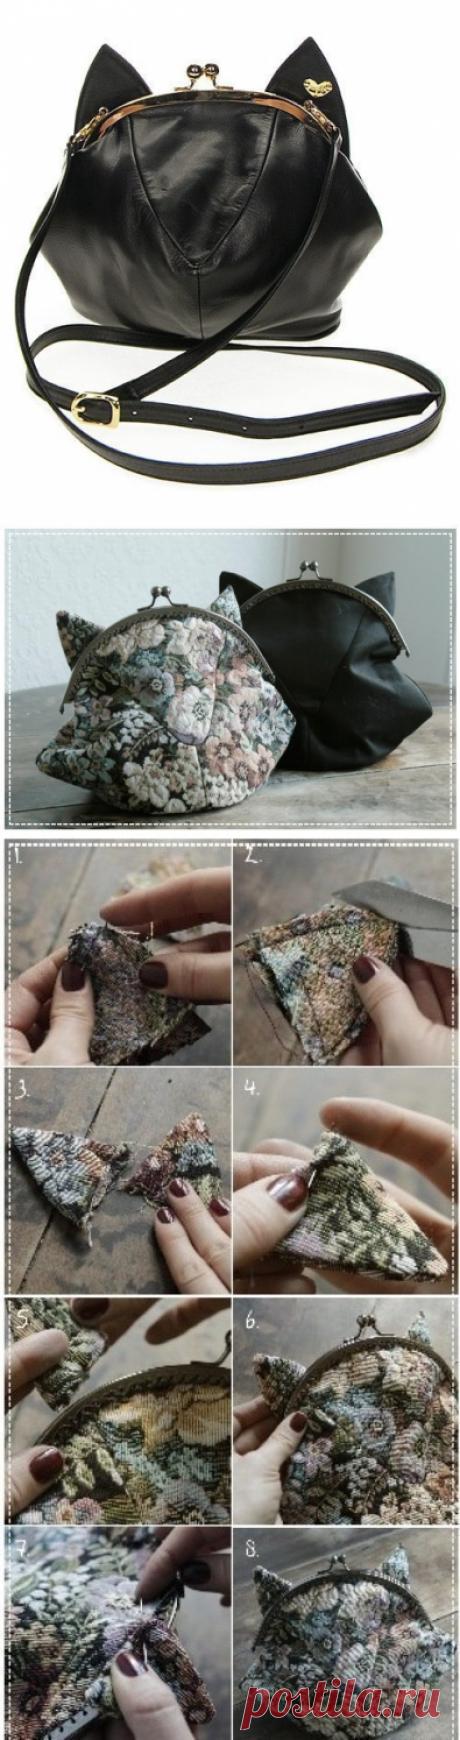 Изготовление необычной сумочки: мастер-класс — Сделай сам, идеи для творчества - DIY Ideas